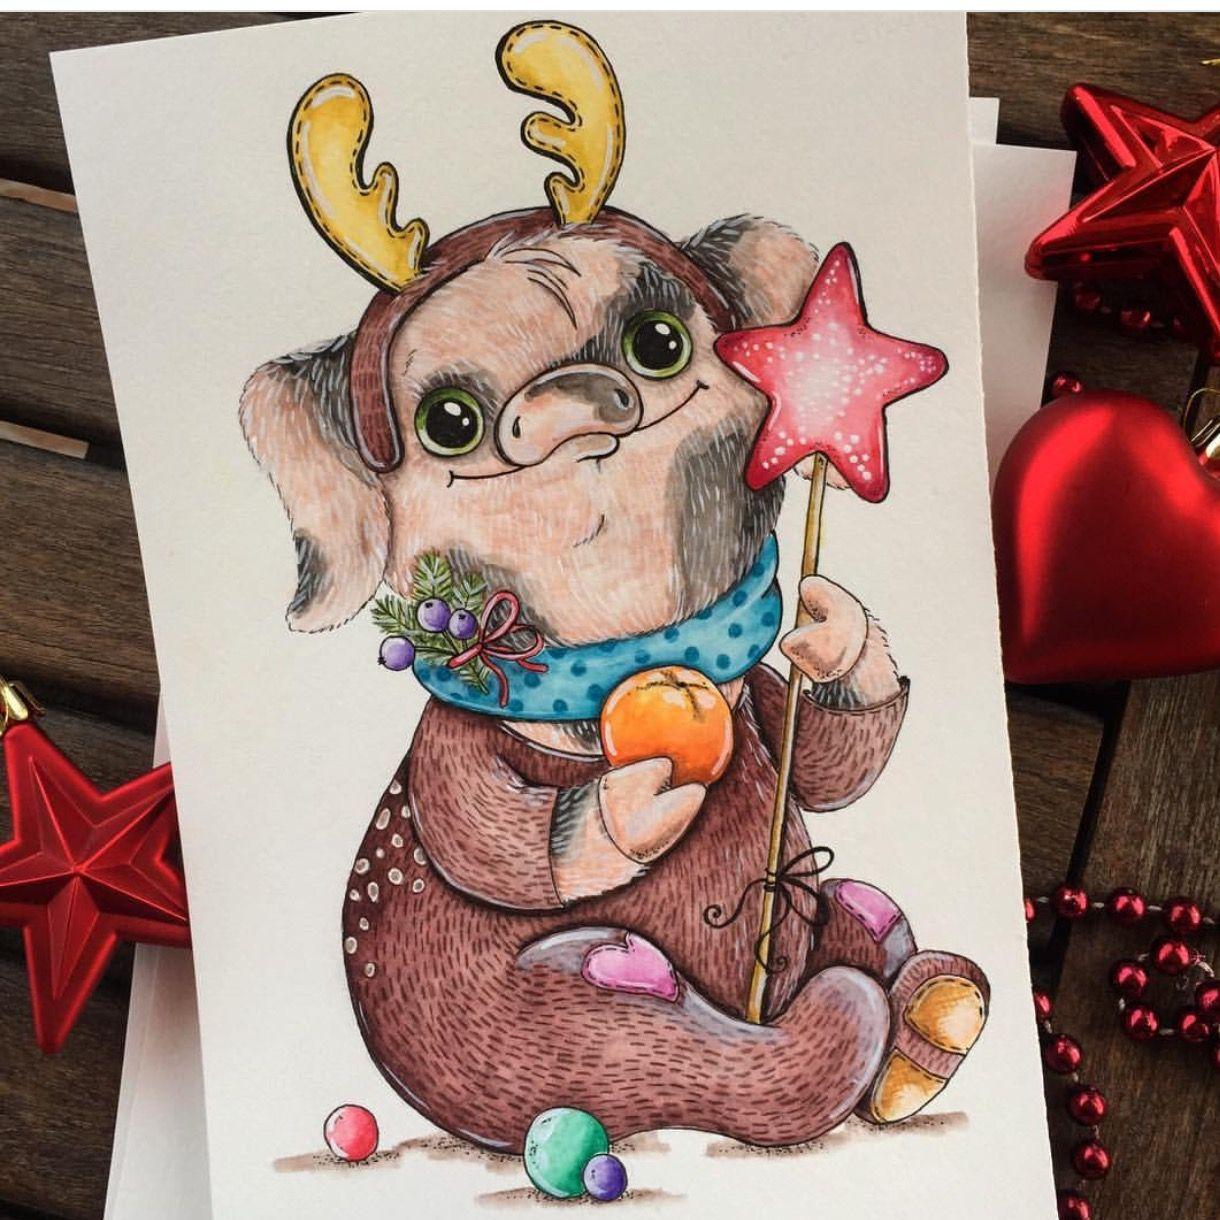 Нарисовать картинки на новый год 2019, картинки для детей